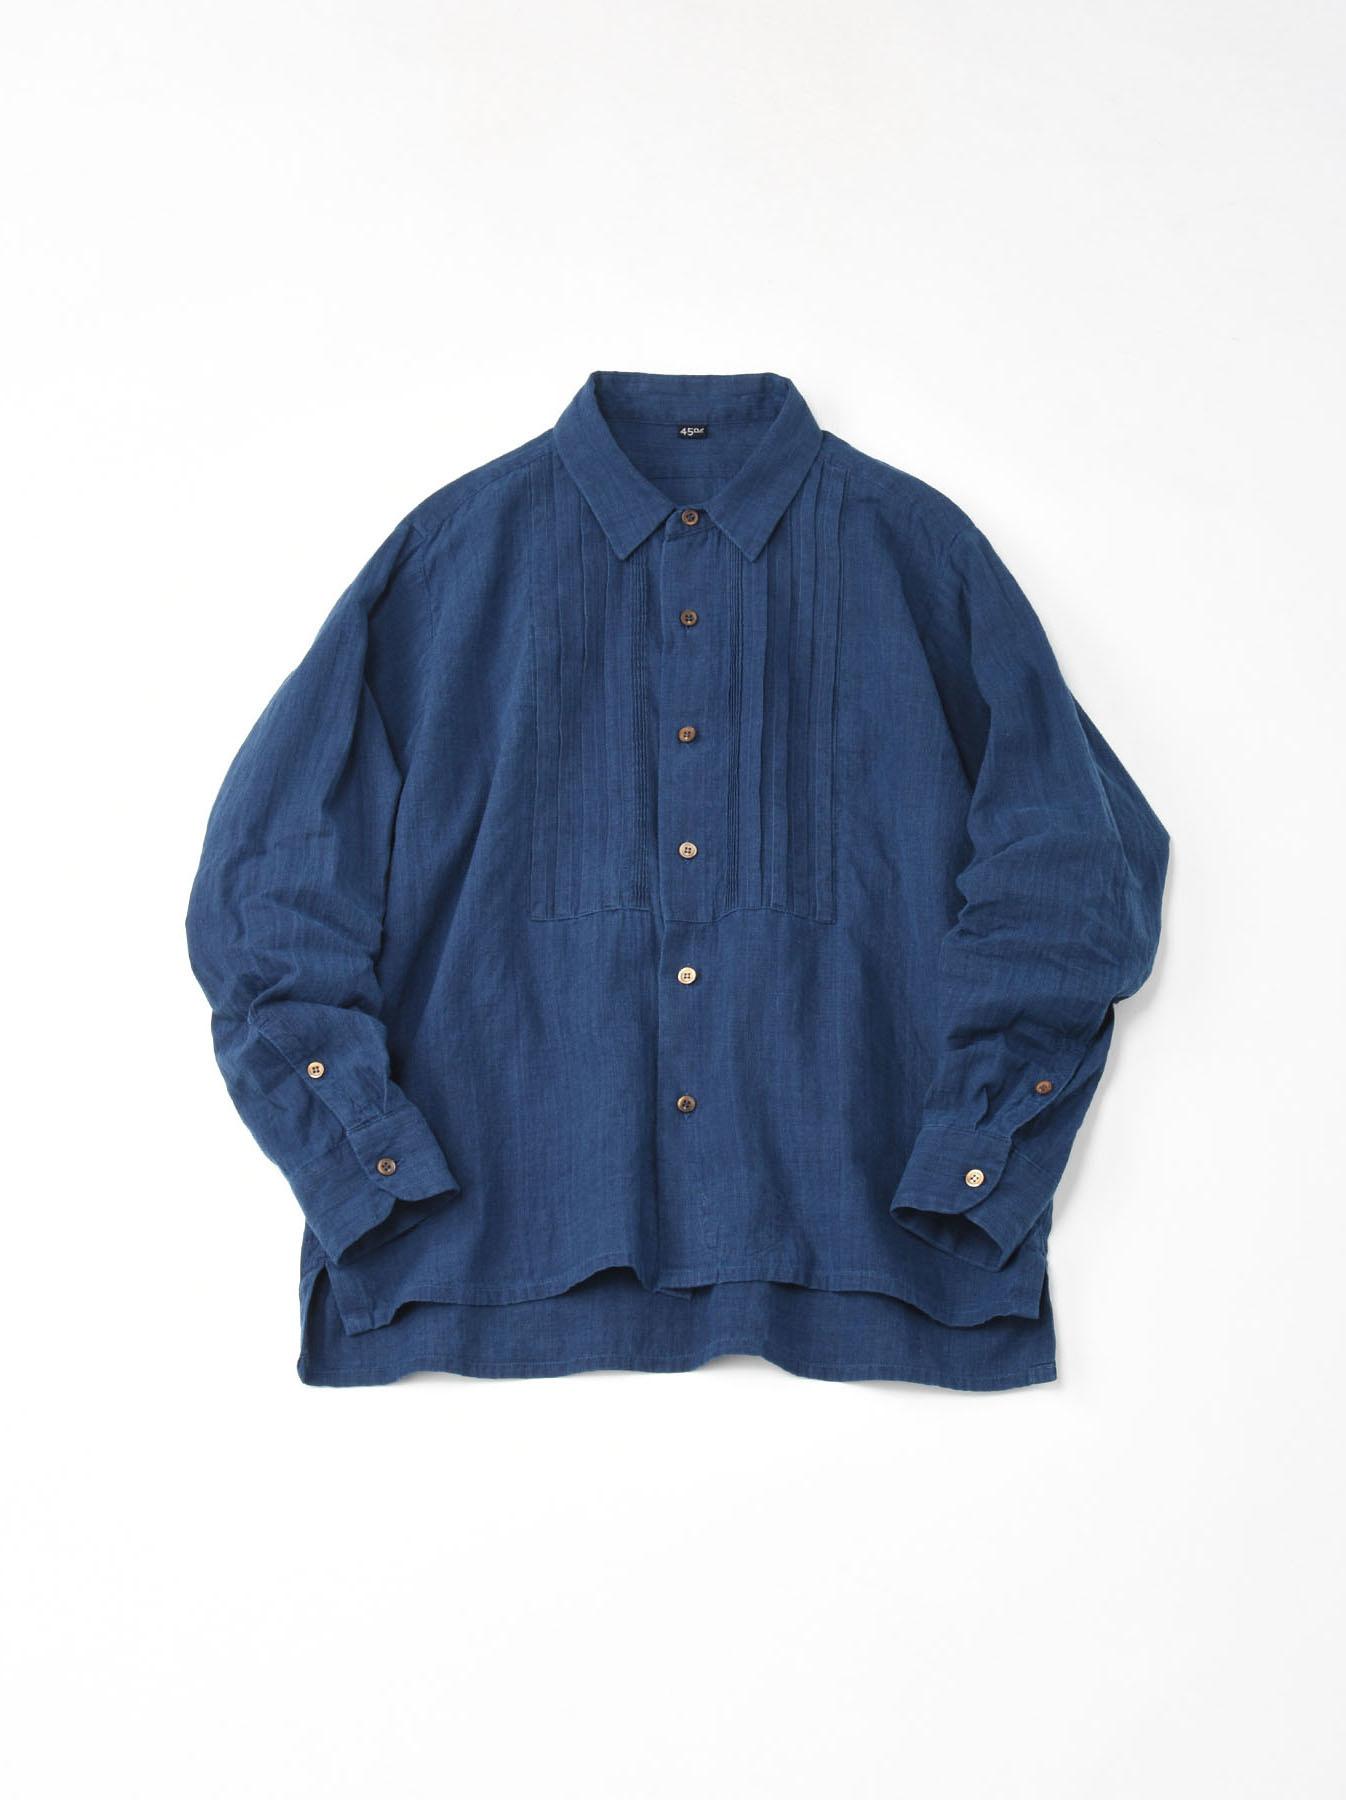 Ai Khadi Pin-tuck Shirt-1